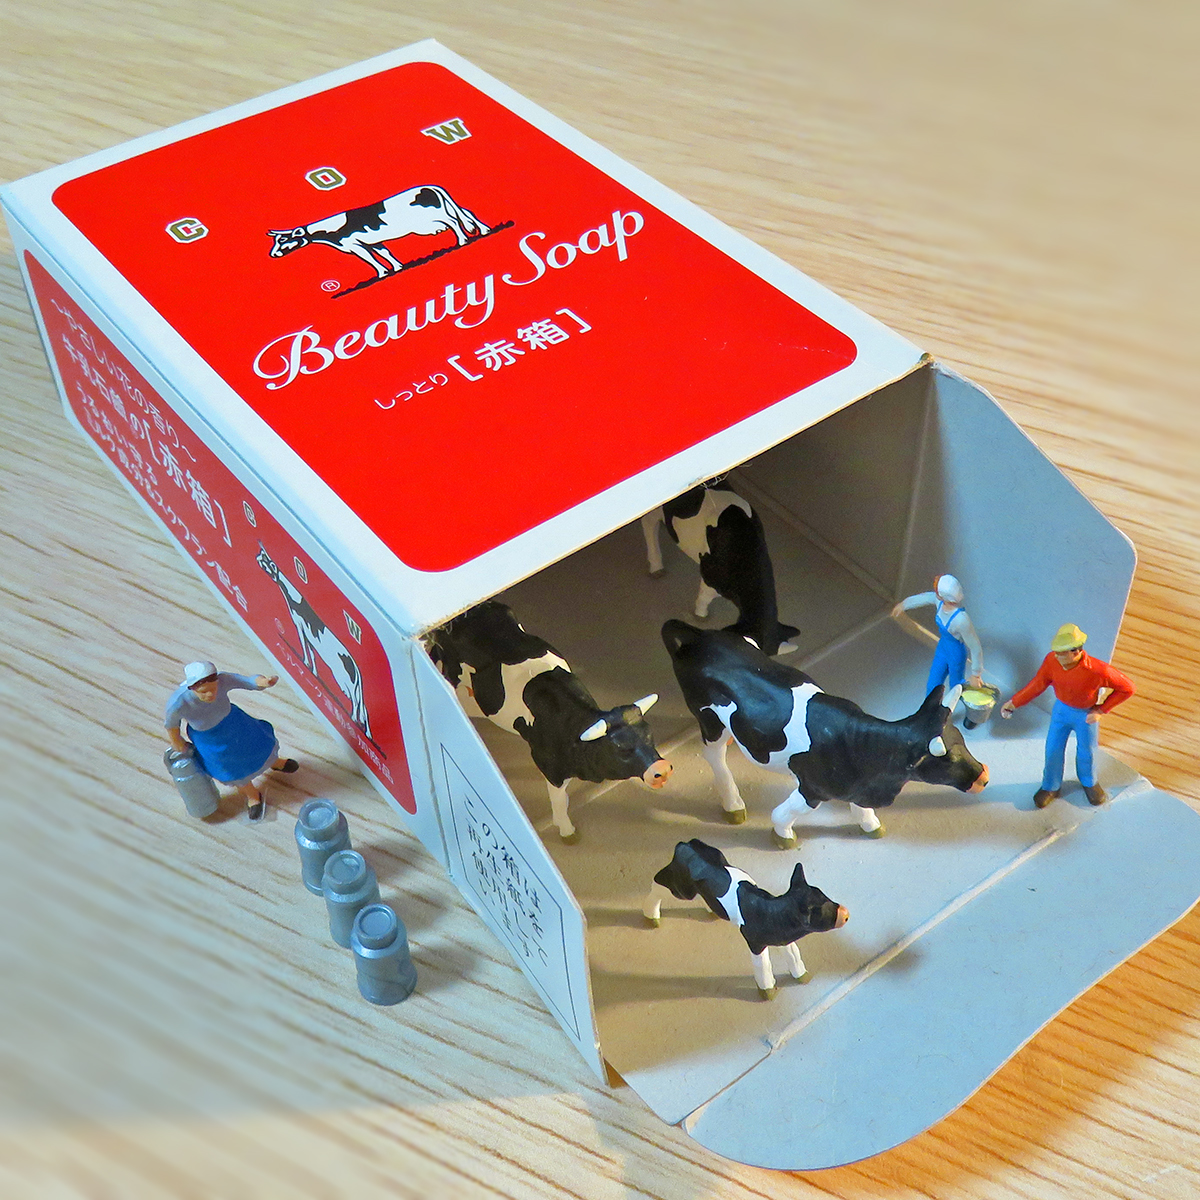 赤箱の牛小屋で育った牛とカウブランド酪農家